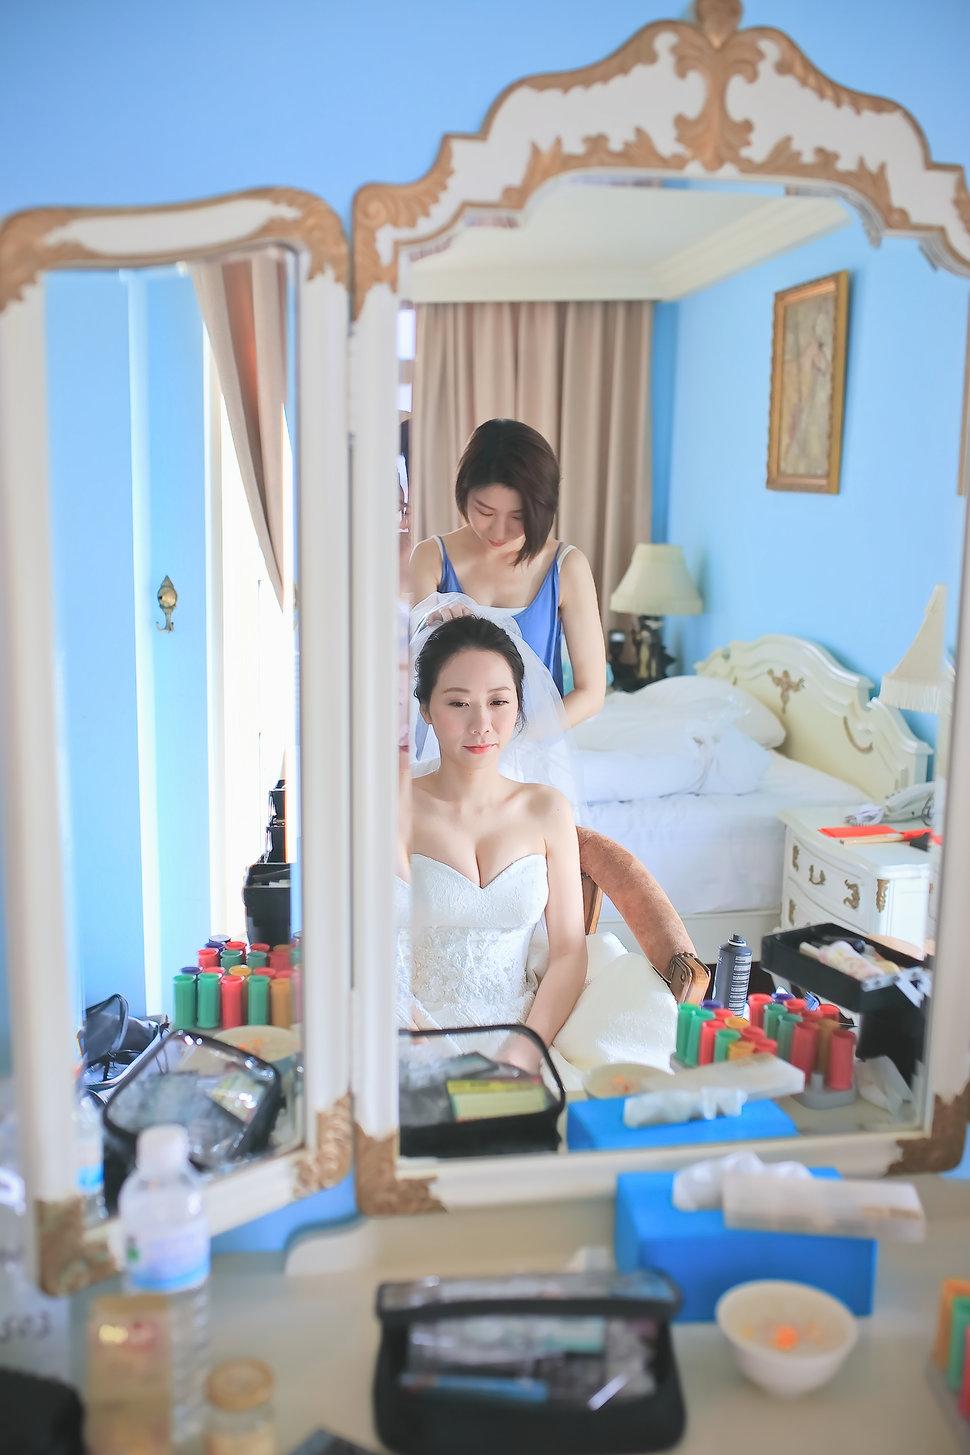 IMG_4007 - H&Y STUDIO 創意影像/阿儒 - 結婚吧